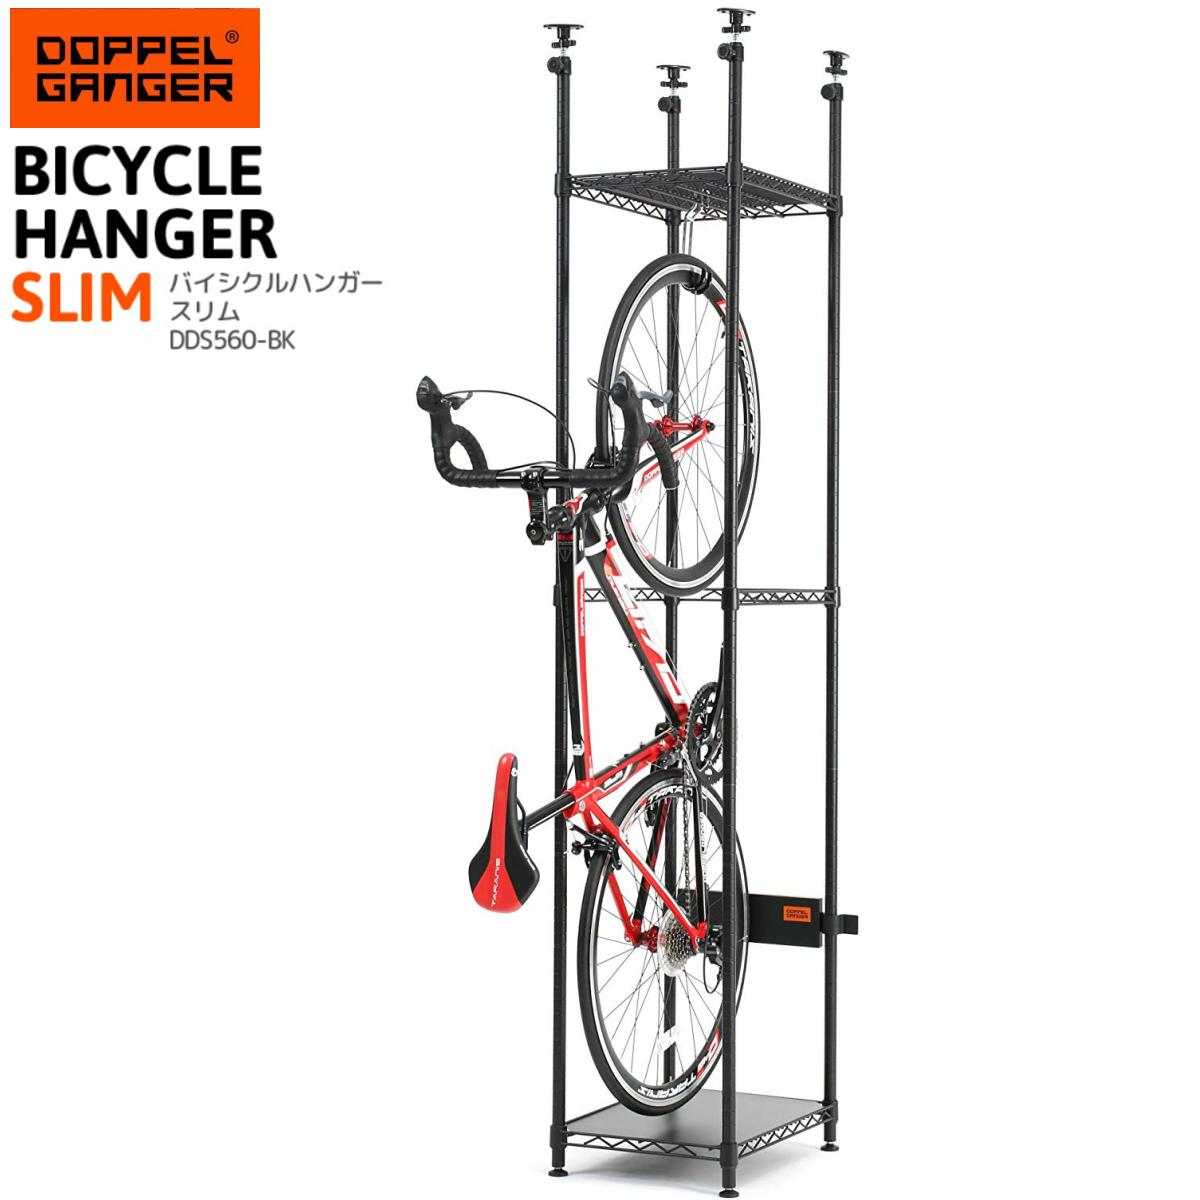 ドッペルギャンガー バイシクルハンガースリム DDS560-BK ブラック 省スペース 耐荷重30kg 自転車スタンド